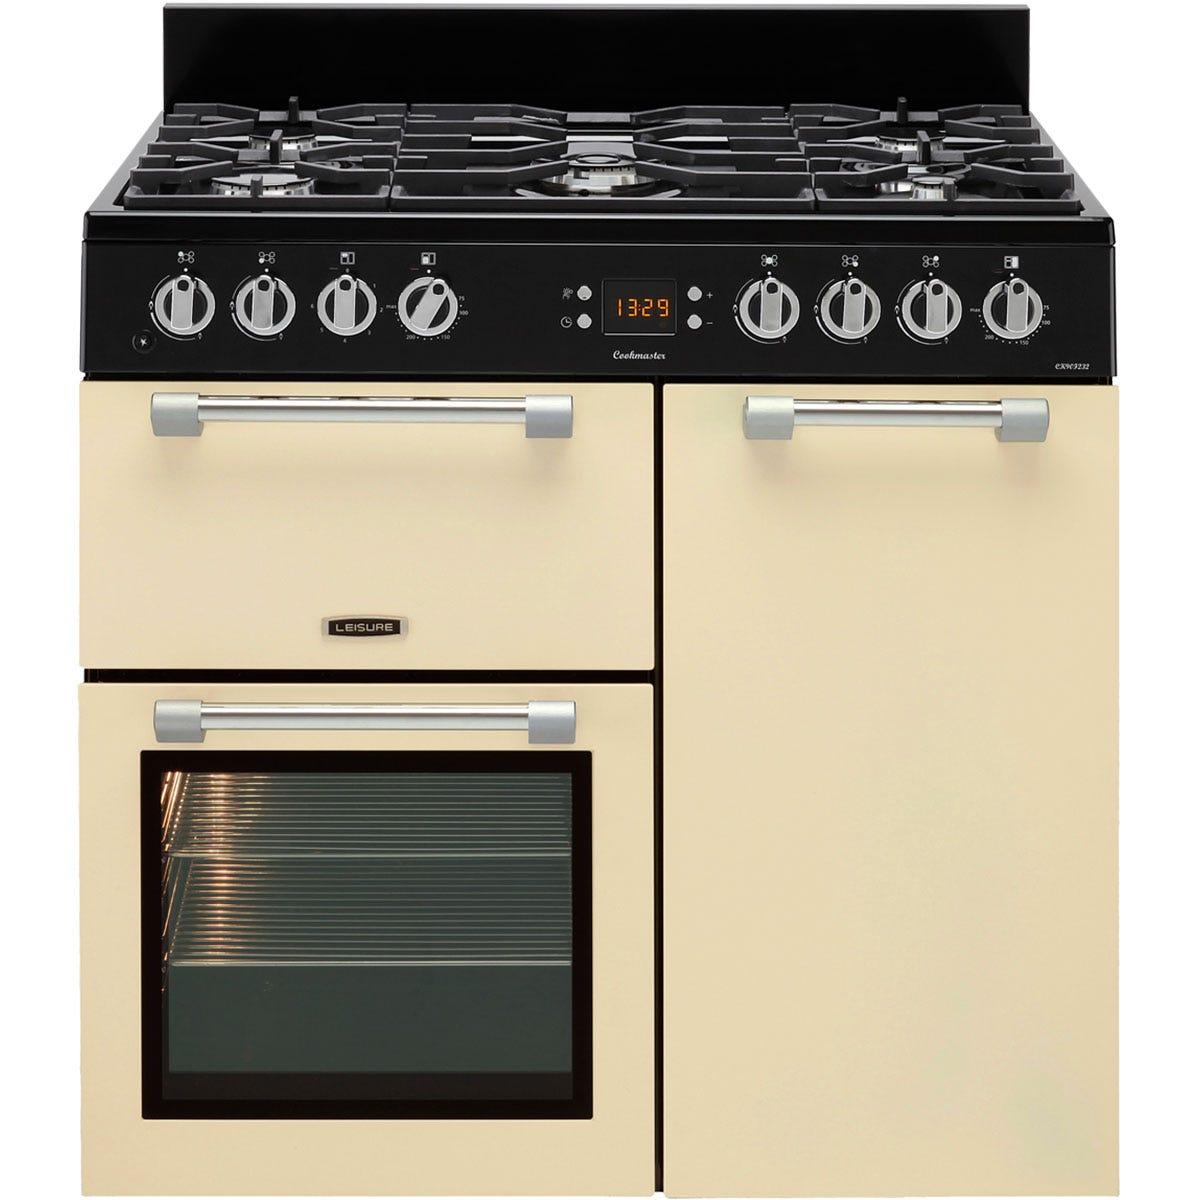 Leisure CK90F232C 90cm Cookmaster Dual Fuel Range Cooker - Cream